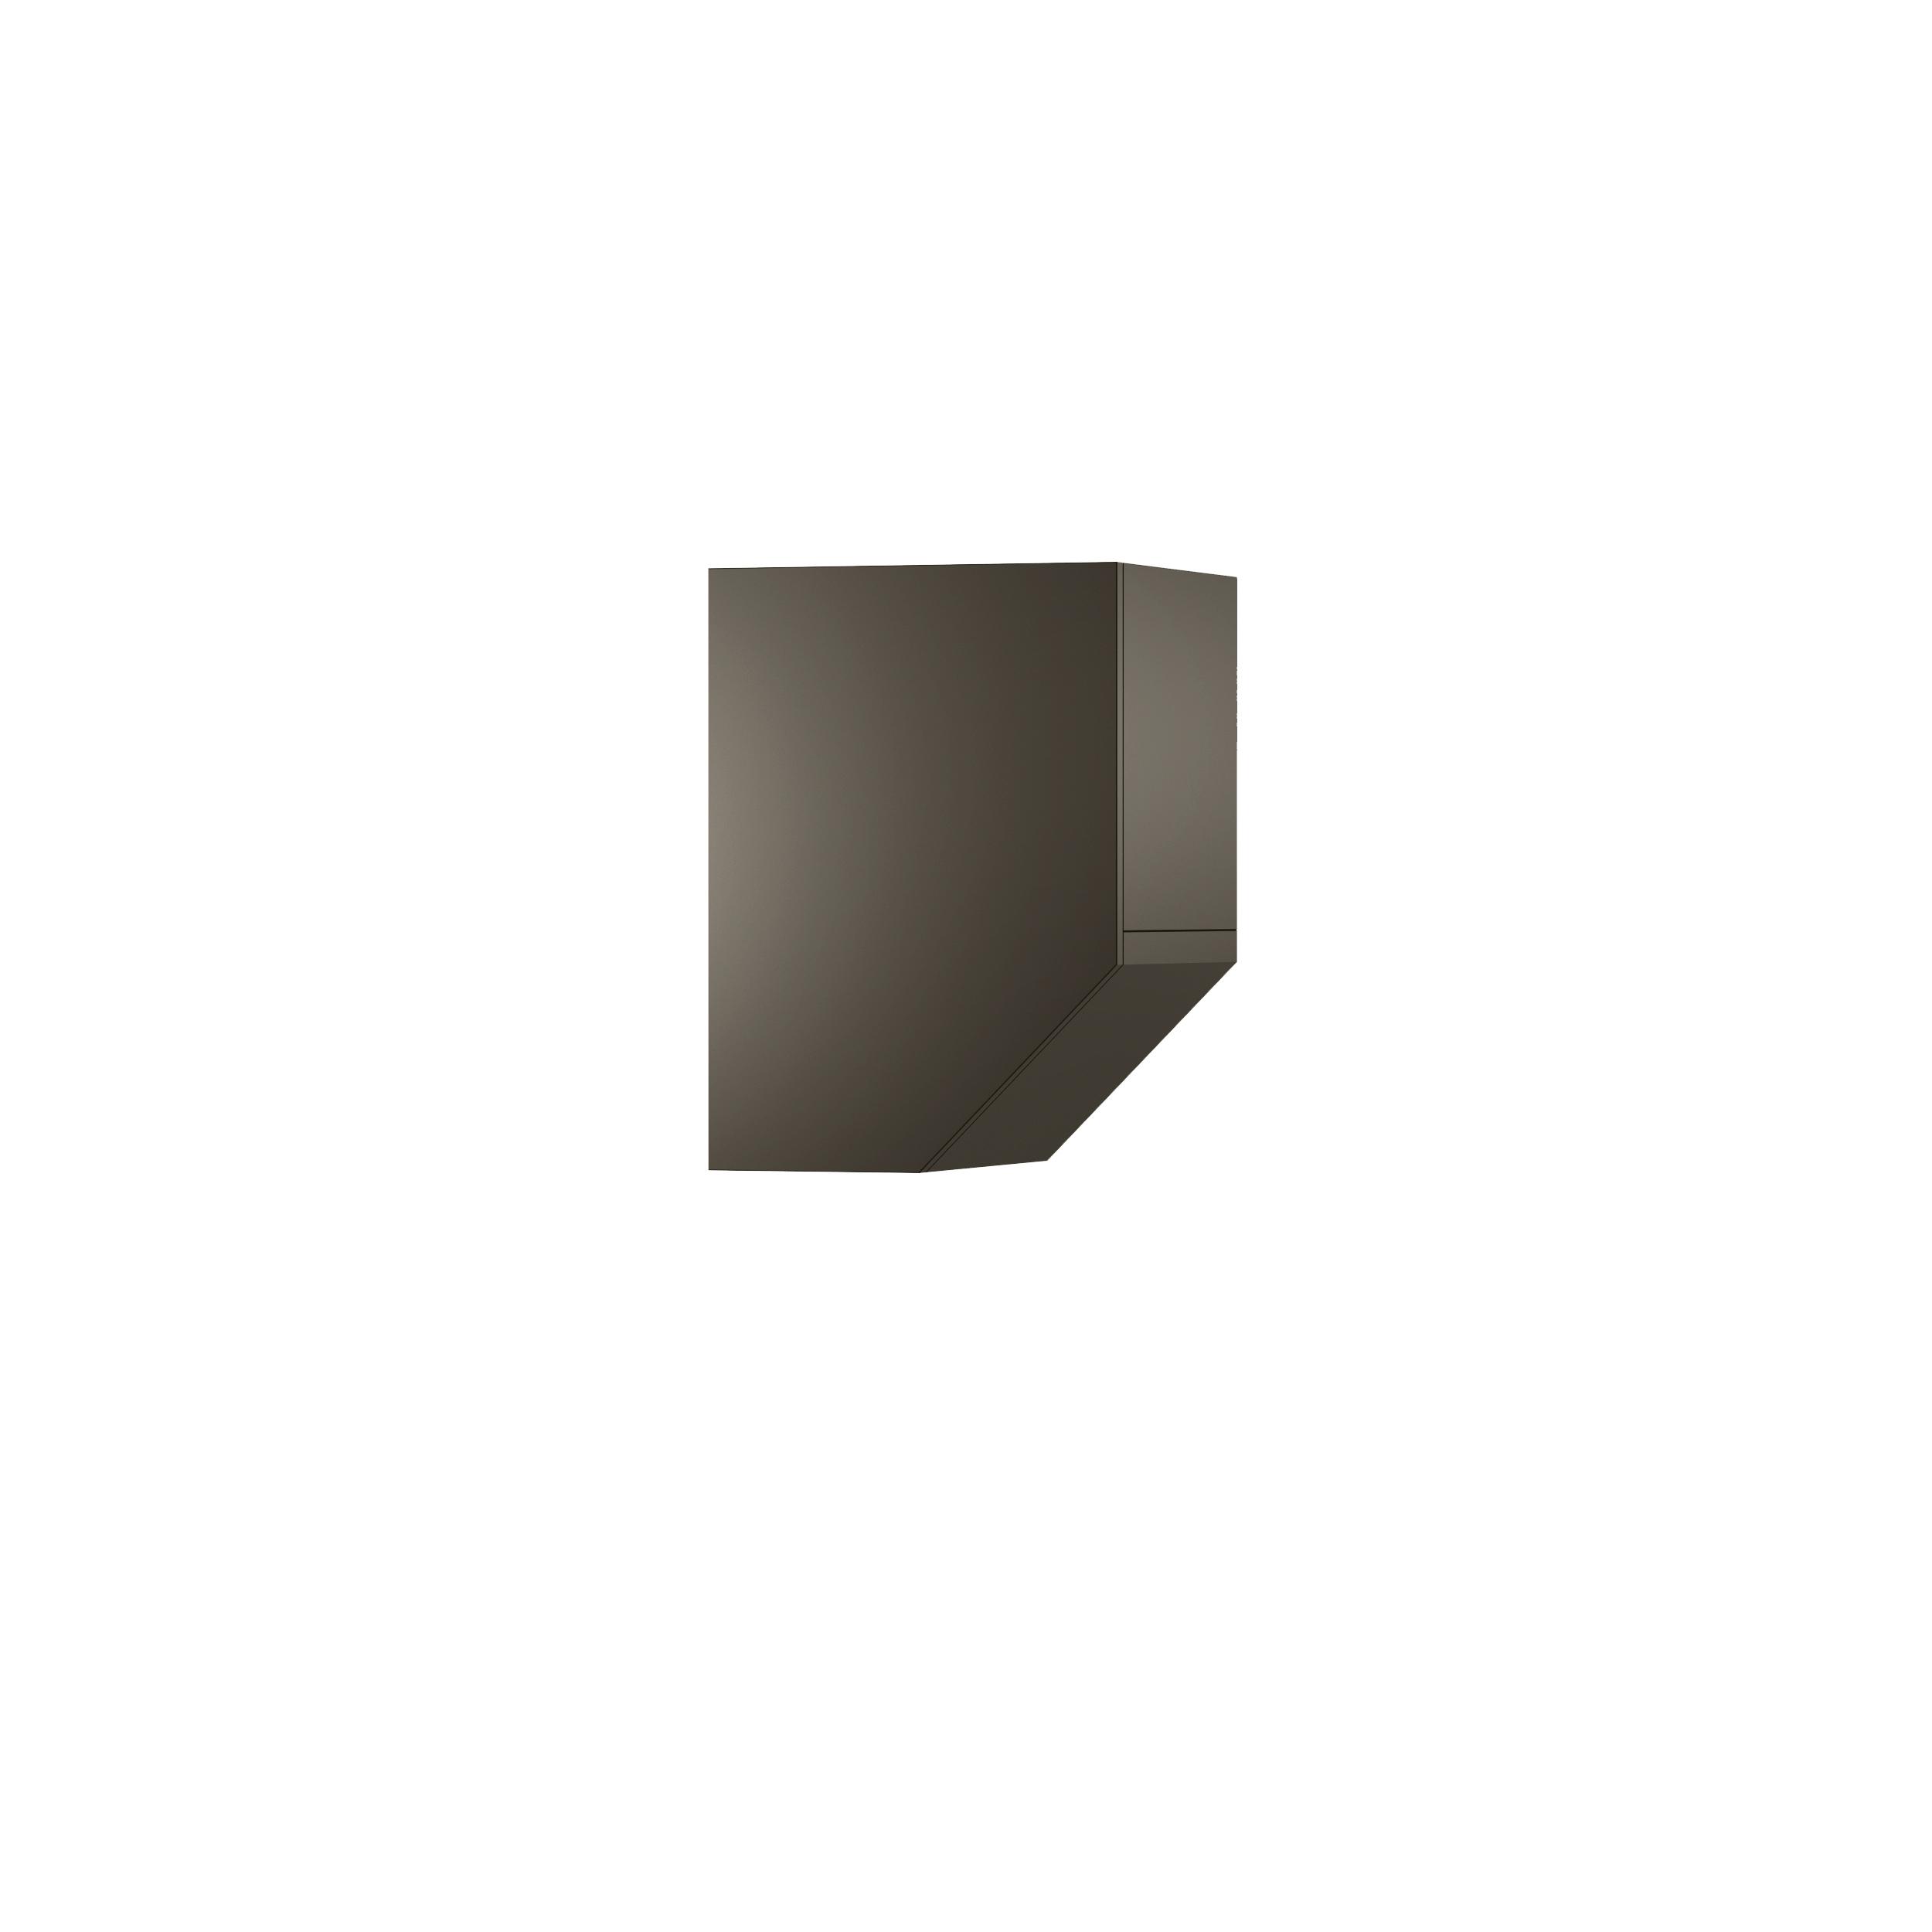 Dulap Modular Dreapta Grafit - 8823